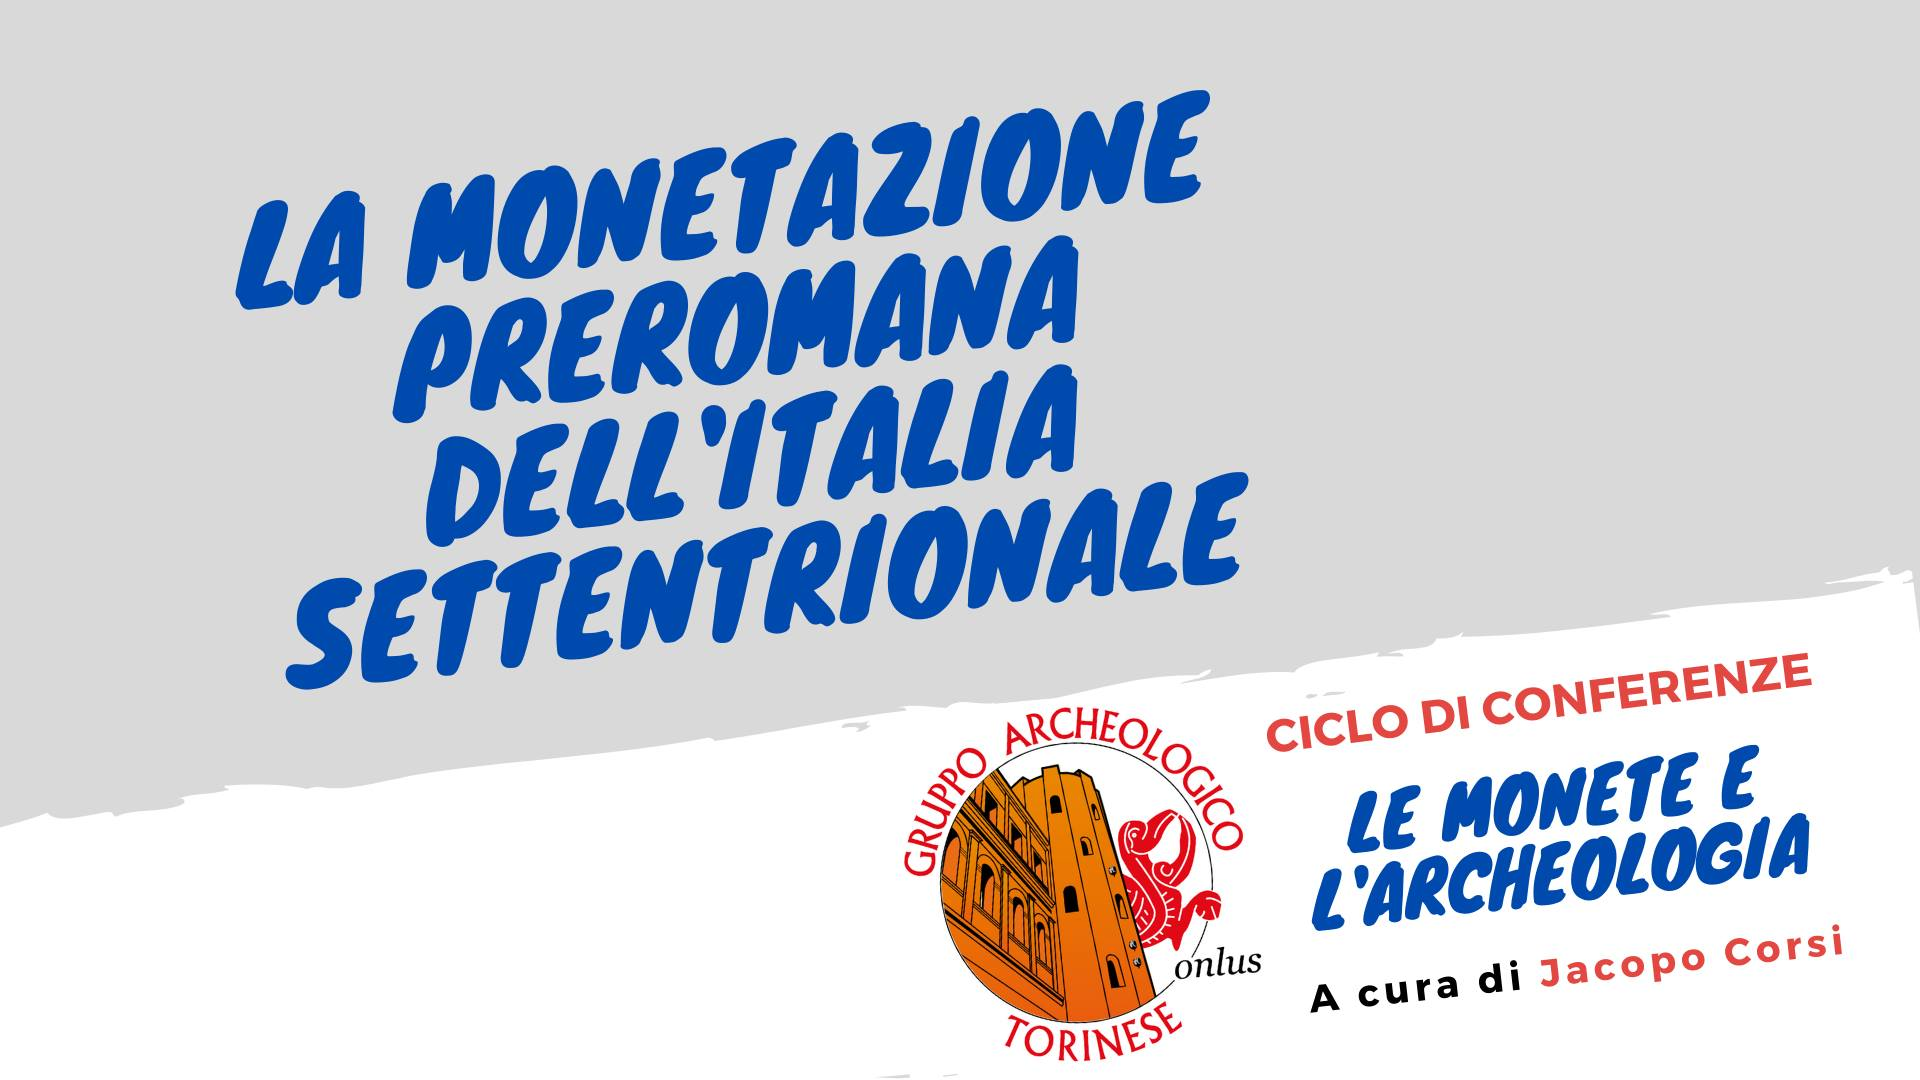 La monetazione preromana dell'Italia settentrionale